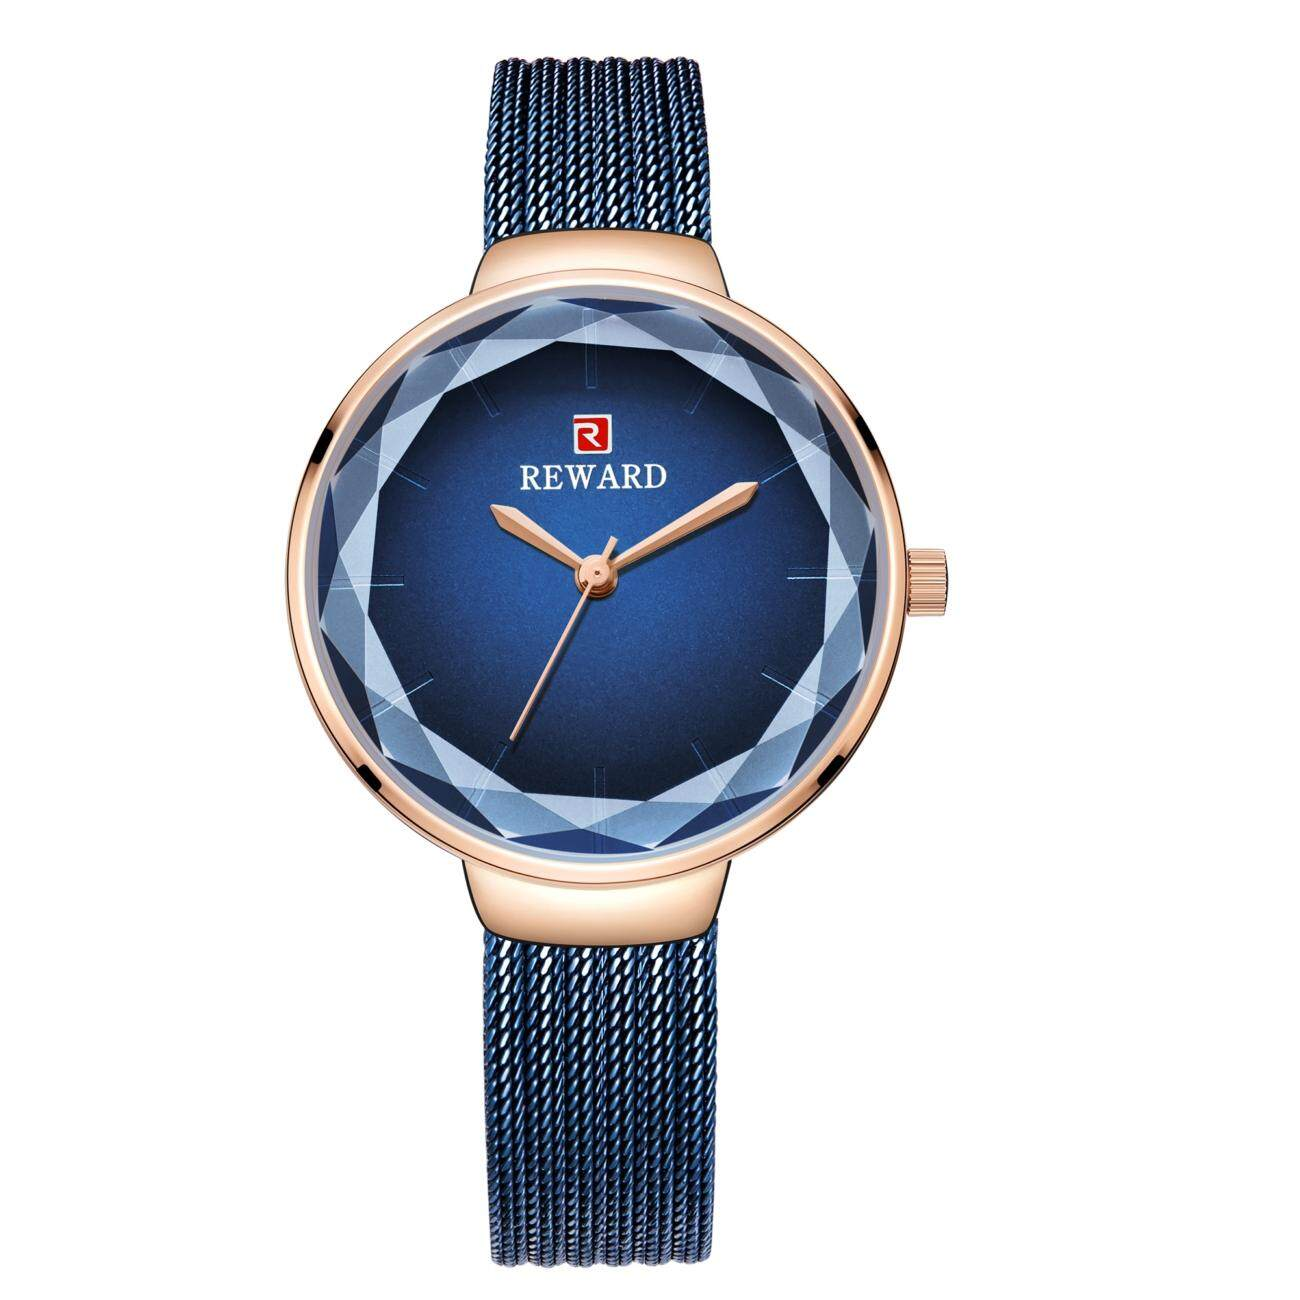 Nơi bán Đồng hồ nữ 2019 thời trang Hàn Quốc nhỏ tươi đồng hồ